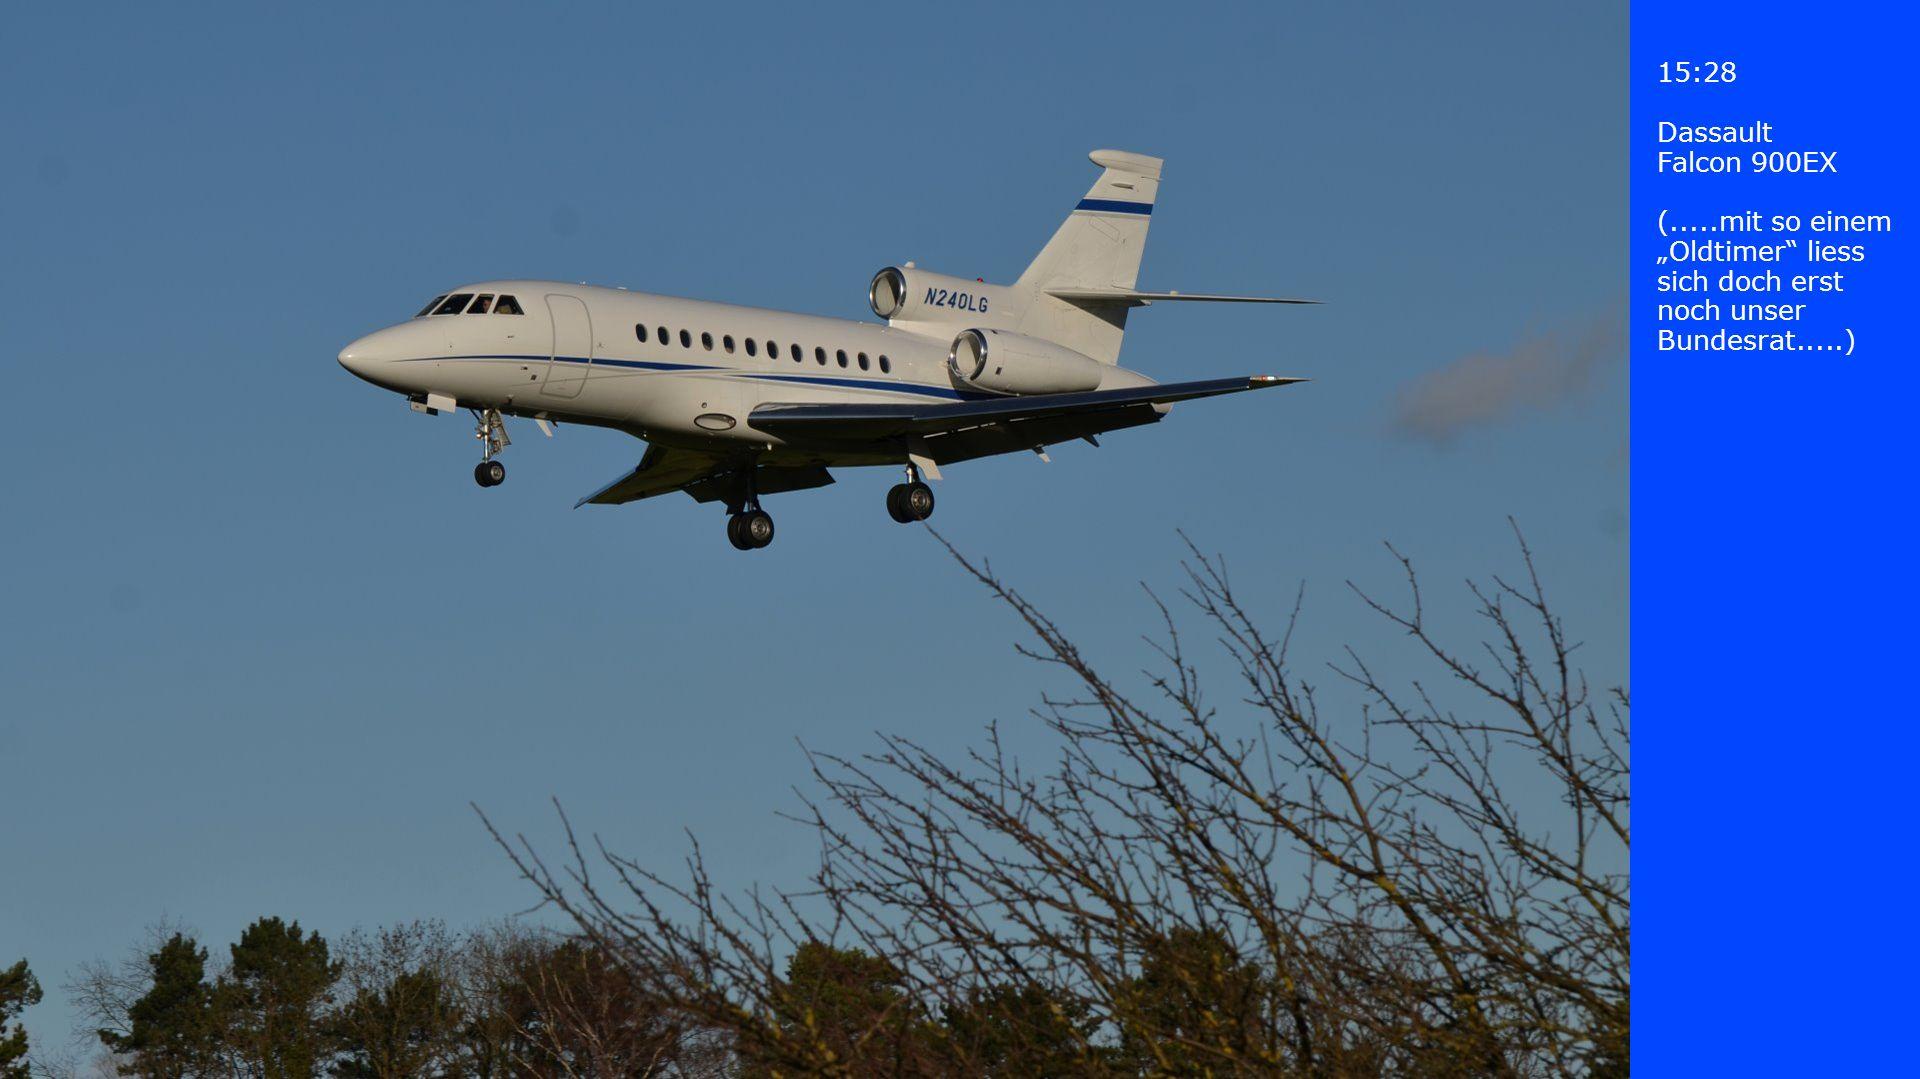 15:28 Dassault Falcon 900EX (.....mit so einem Oldtimer liess sich doch erst noch unser Bundesrat.....)